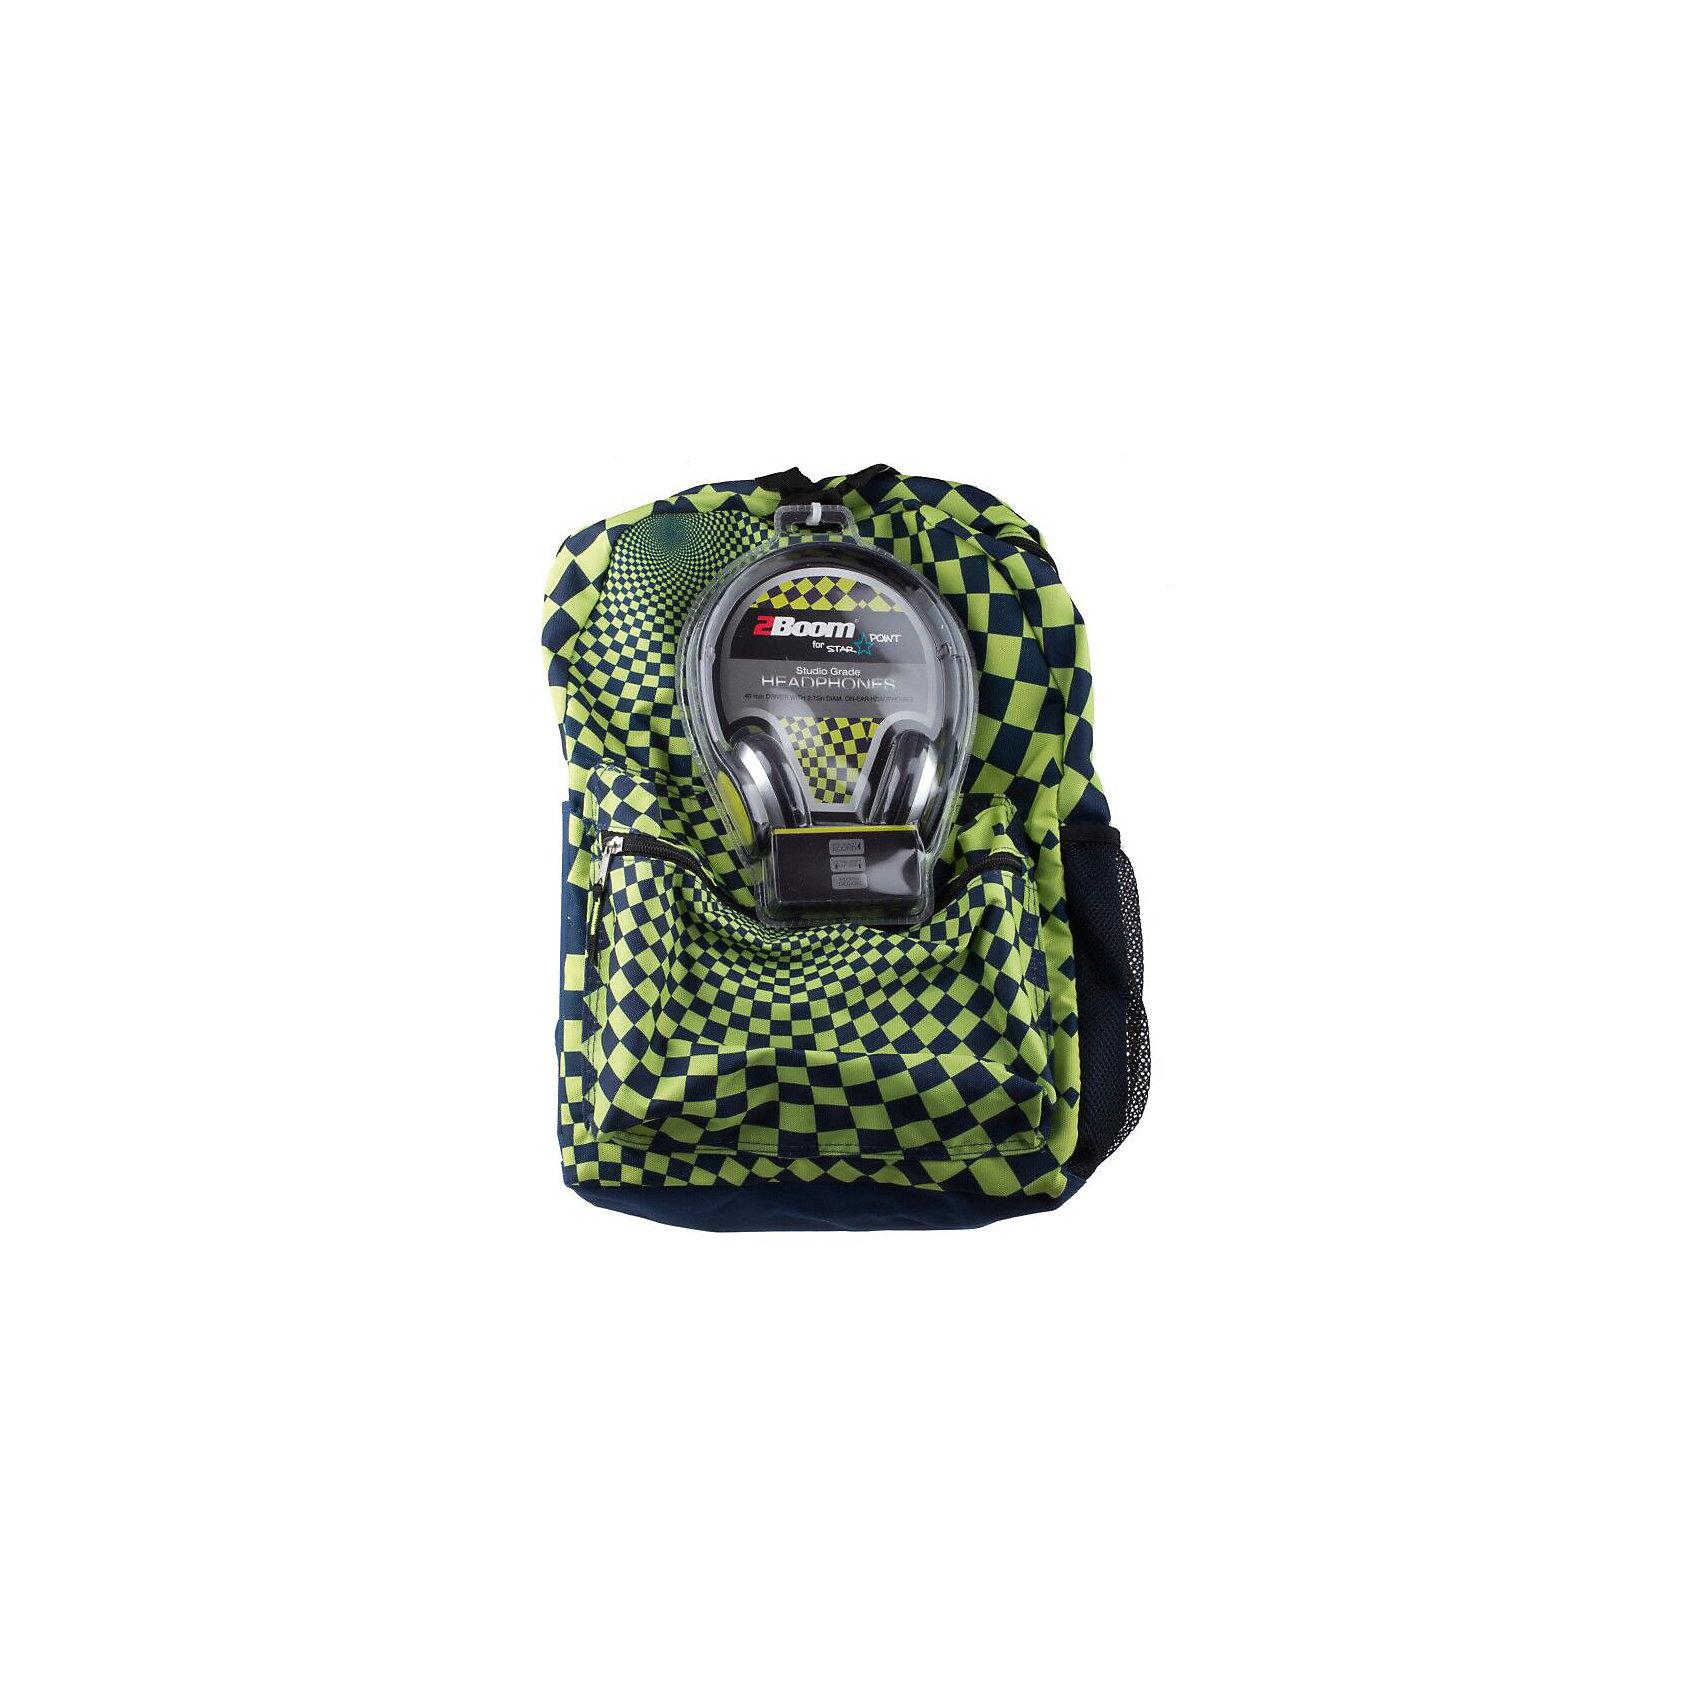 Рюкзак Hypnocheck Lime с наушниками, цвет синий/лаймРюкзаки<br>Вес: 0,5 кг<br>Размер: 43х33х16 см<br>Состав: рюкзак<br>Наличие светоотражающих элементов: нет<br>Материал: полиэстер<br><br>Ширина мм: 430<br>Глубина мм: 330<br>Высота мм: 160<br>Вес г: 500<br>Возраст от месяцев: 120<br>Возраст до месяцев: 720<br>Пол: Унисекс<br>Возраст: Детский<br>SKU: 7054137